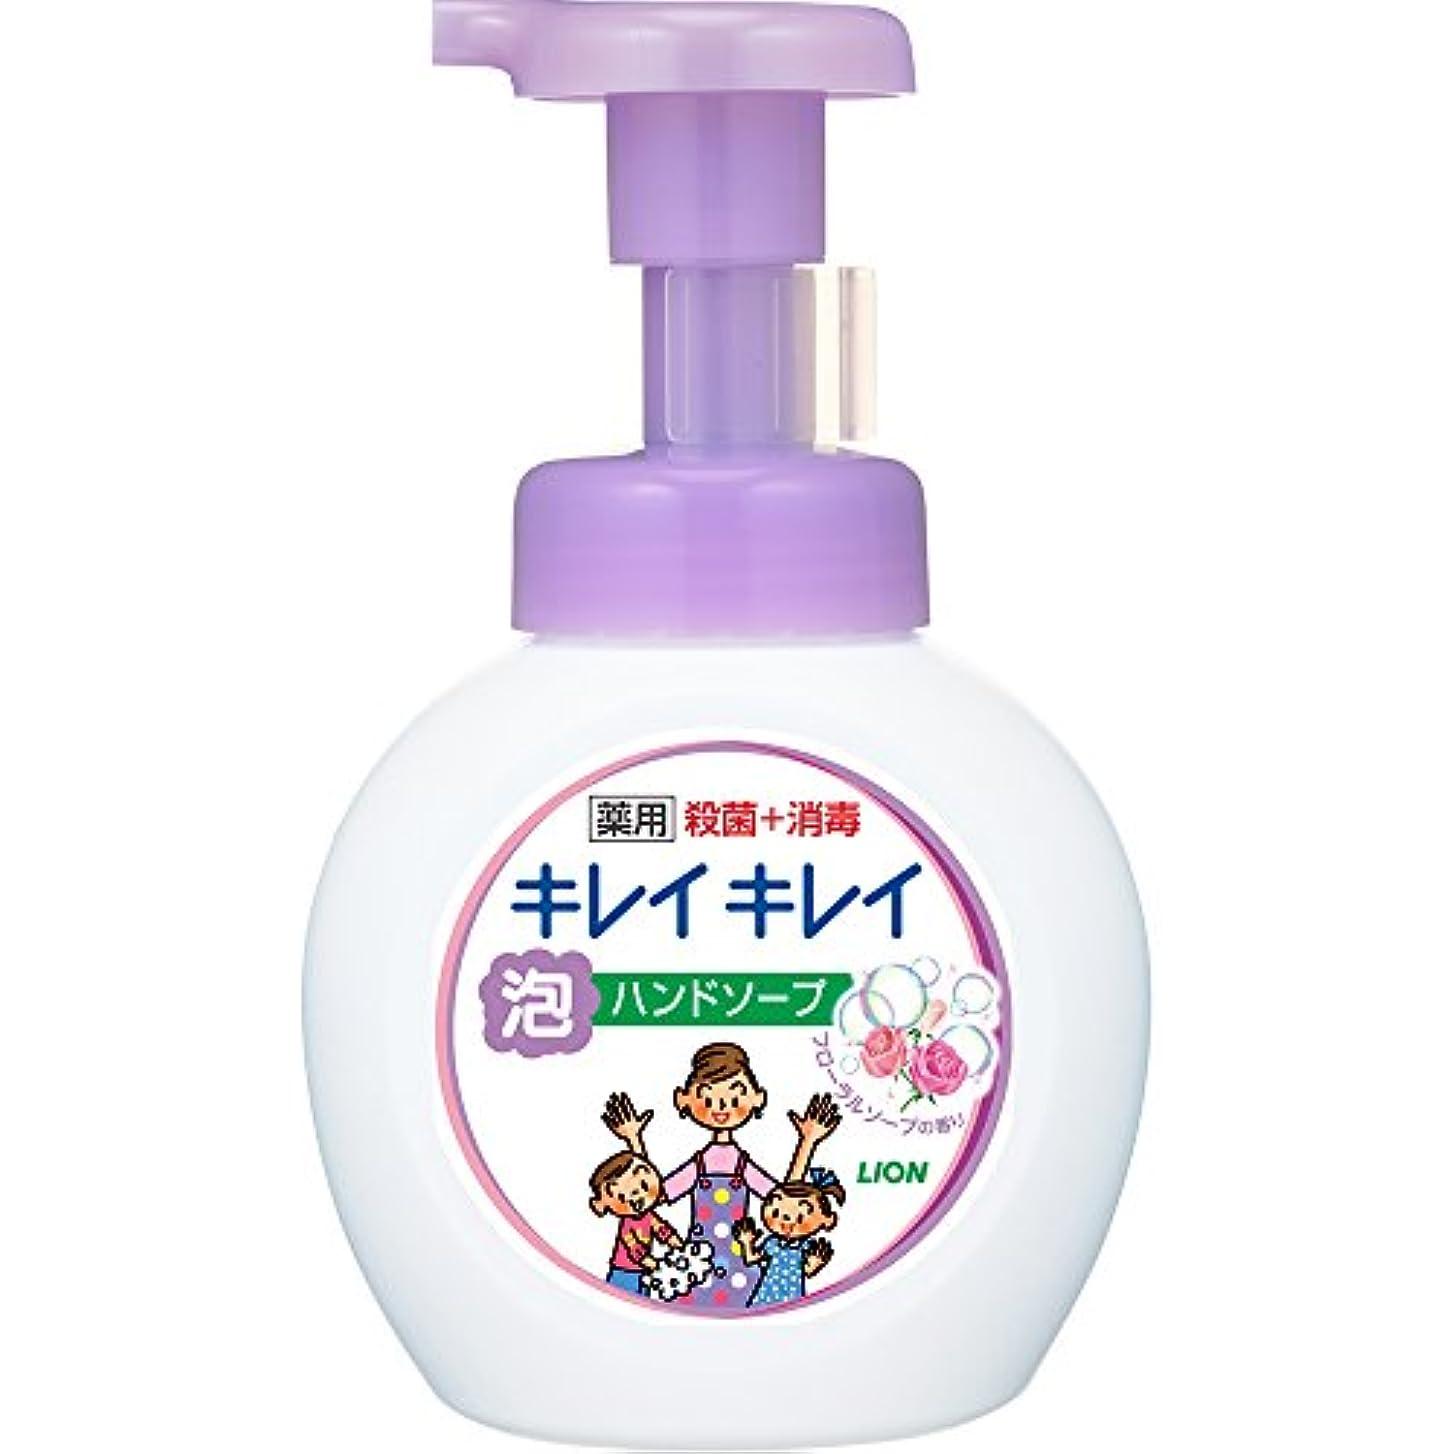 原因ハーフ観察キレイキレイ 薬用 泡ハンドソープ フローラルソープの香り 本体ポンプ 250ml(医薬部外品)